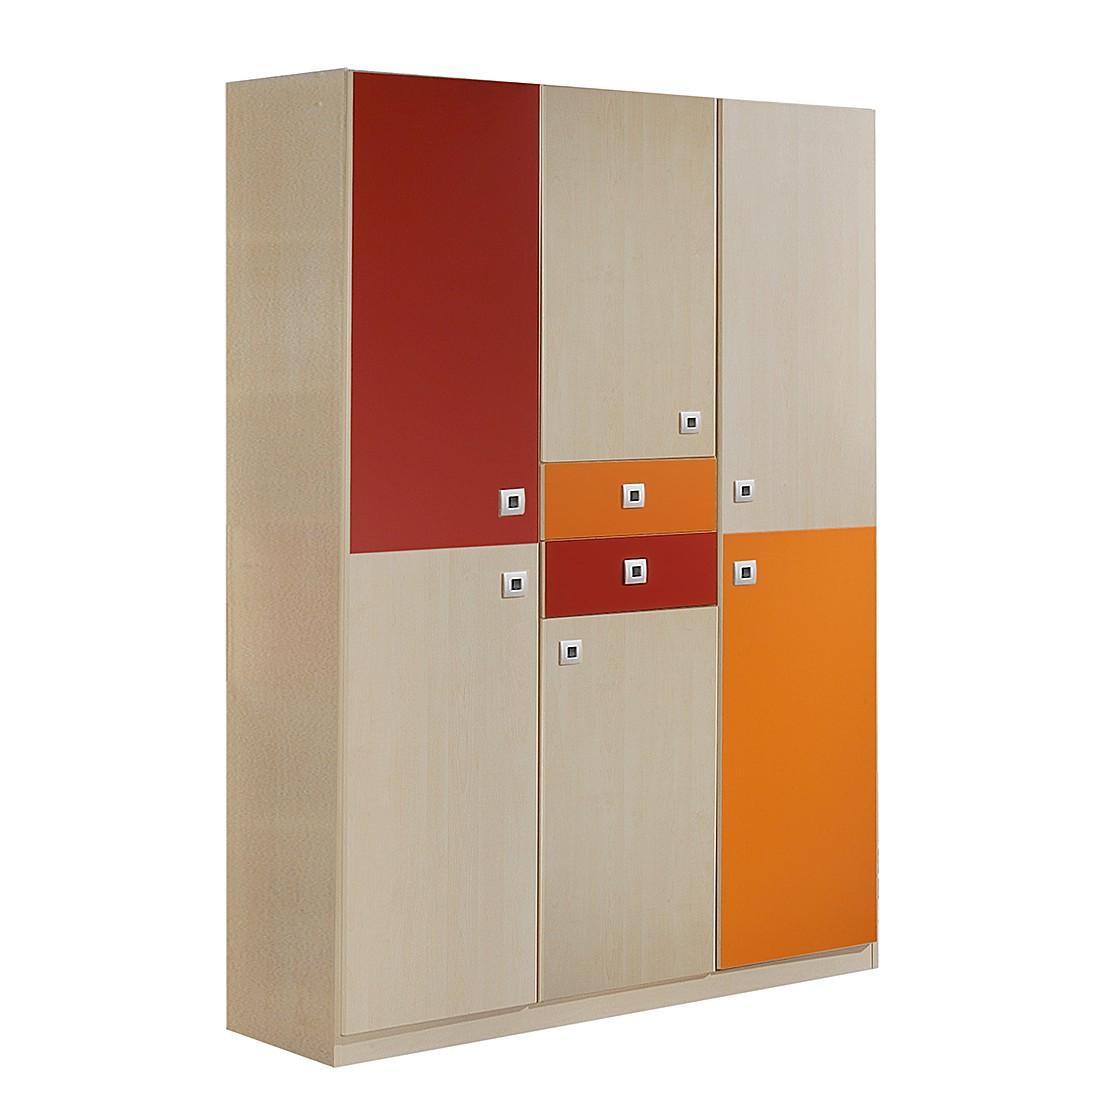 Kleiderschrank Sunny II - Ahorn/Orange-Rot, Wimex online kaufen